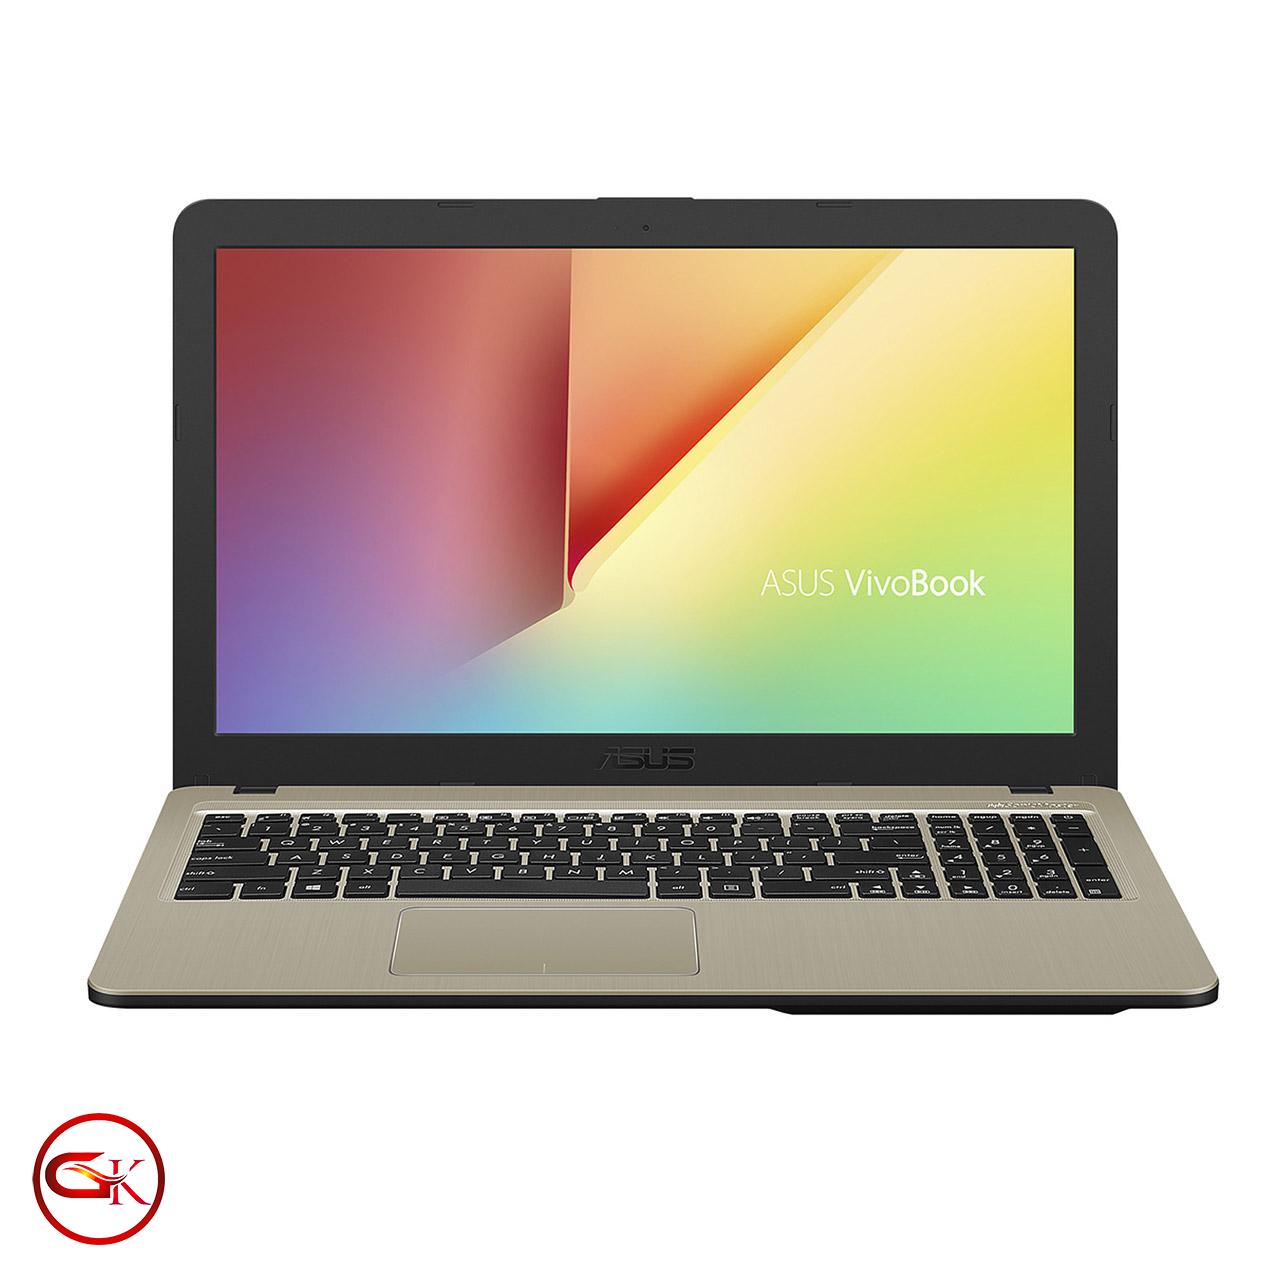 لپ تاپ ایسوس مدل ASUS K540UB|i5 8250U|MX110 2GB|RAM 8GB